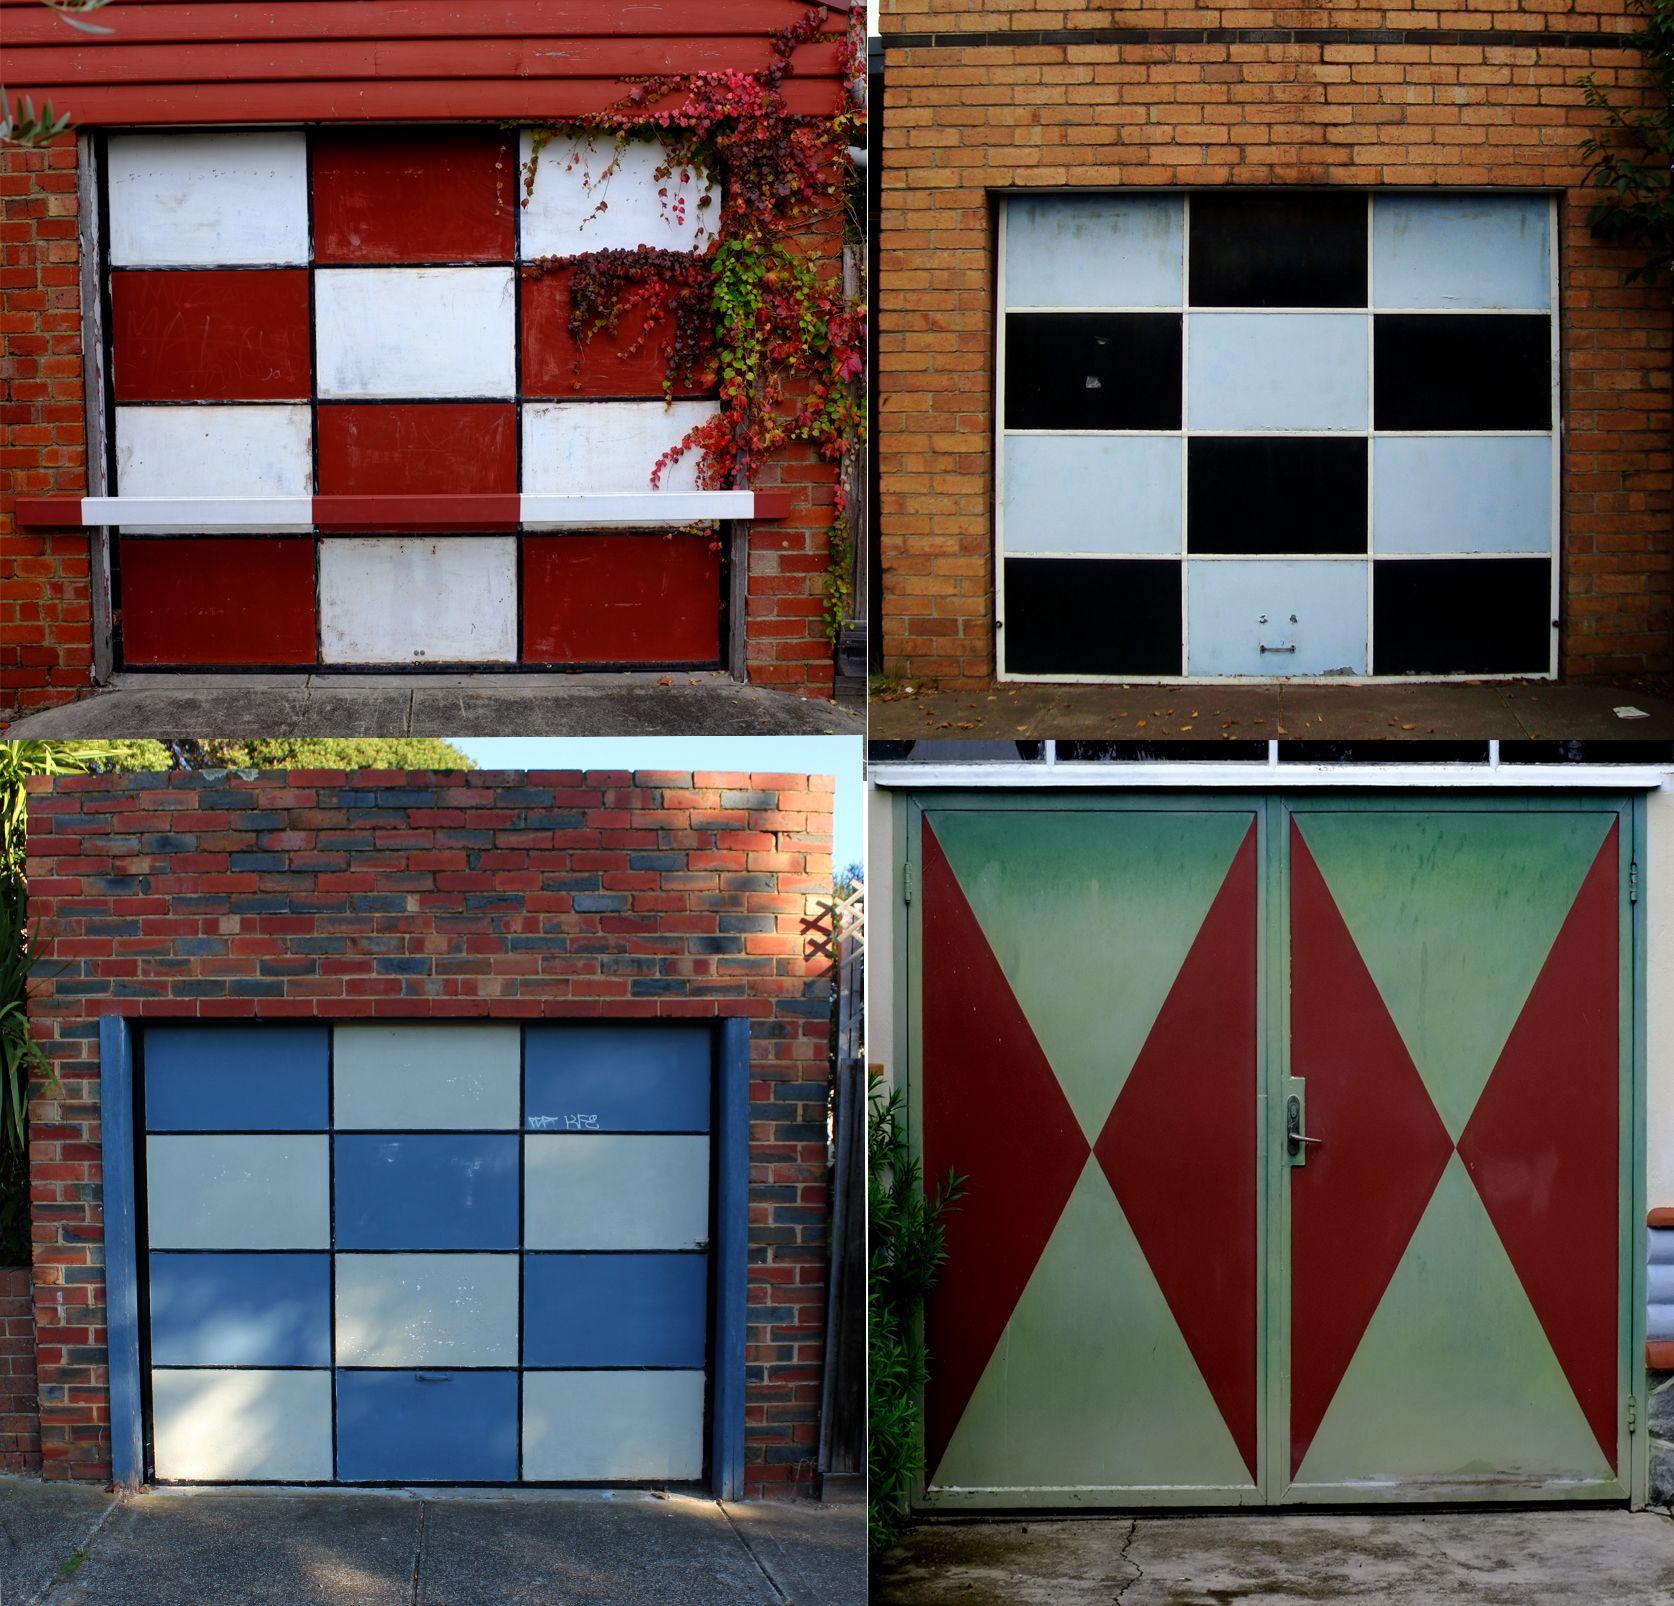 The Last Of The 1950s 60s Garage Doors Near Me Brunswick Australia Garage Doors Garage Old Buildings